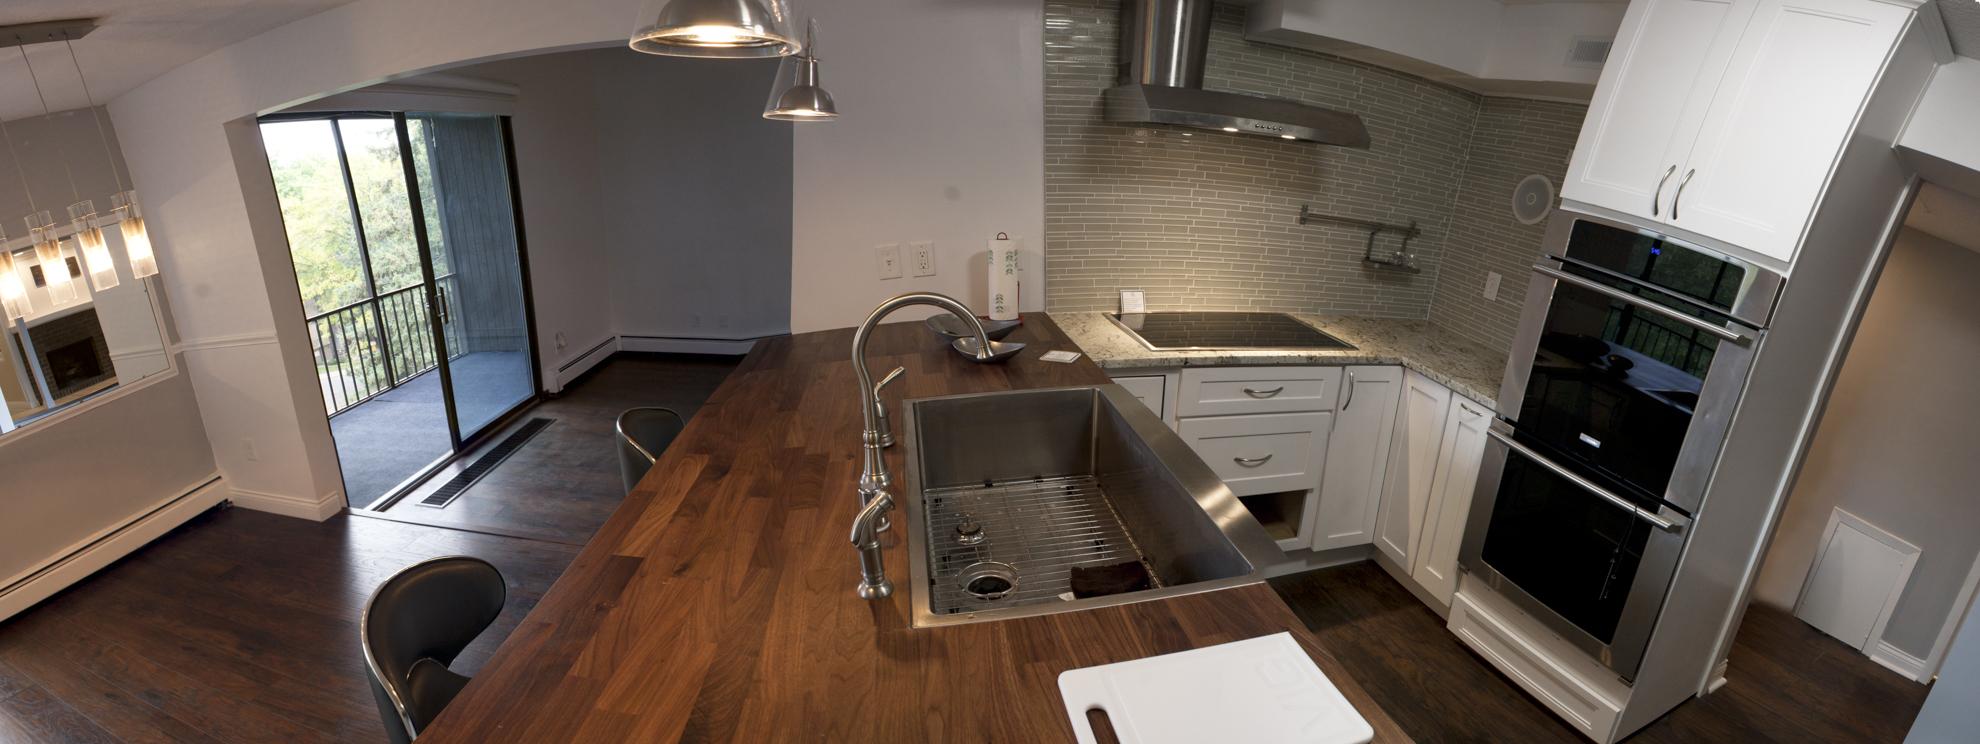 Edina West Condo Kitchen - Corey Collins Cordavii Brands Cordavii Team